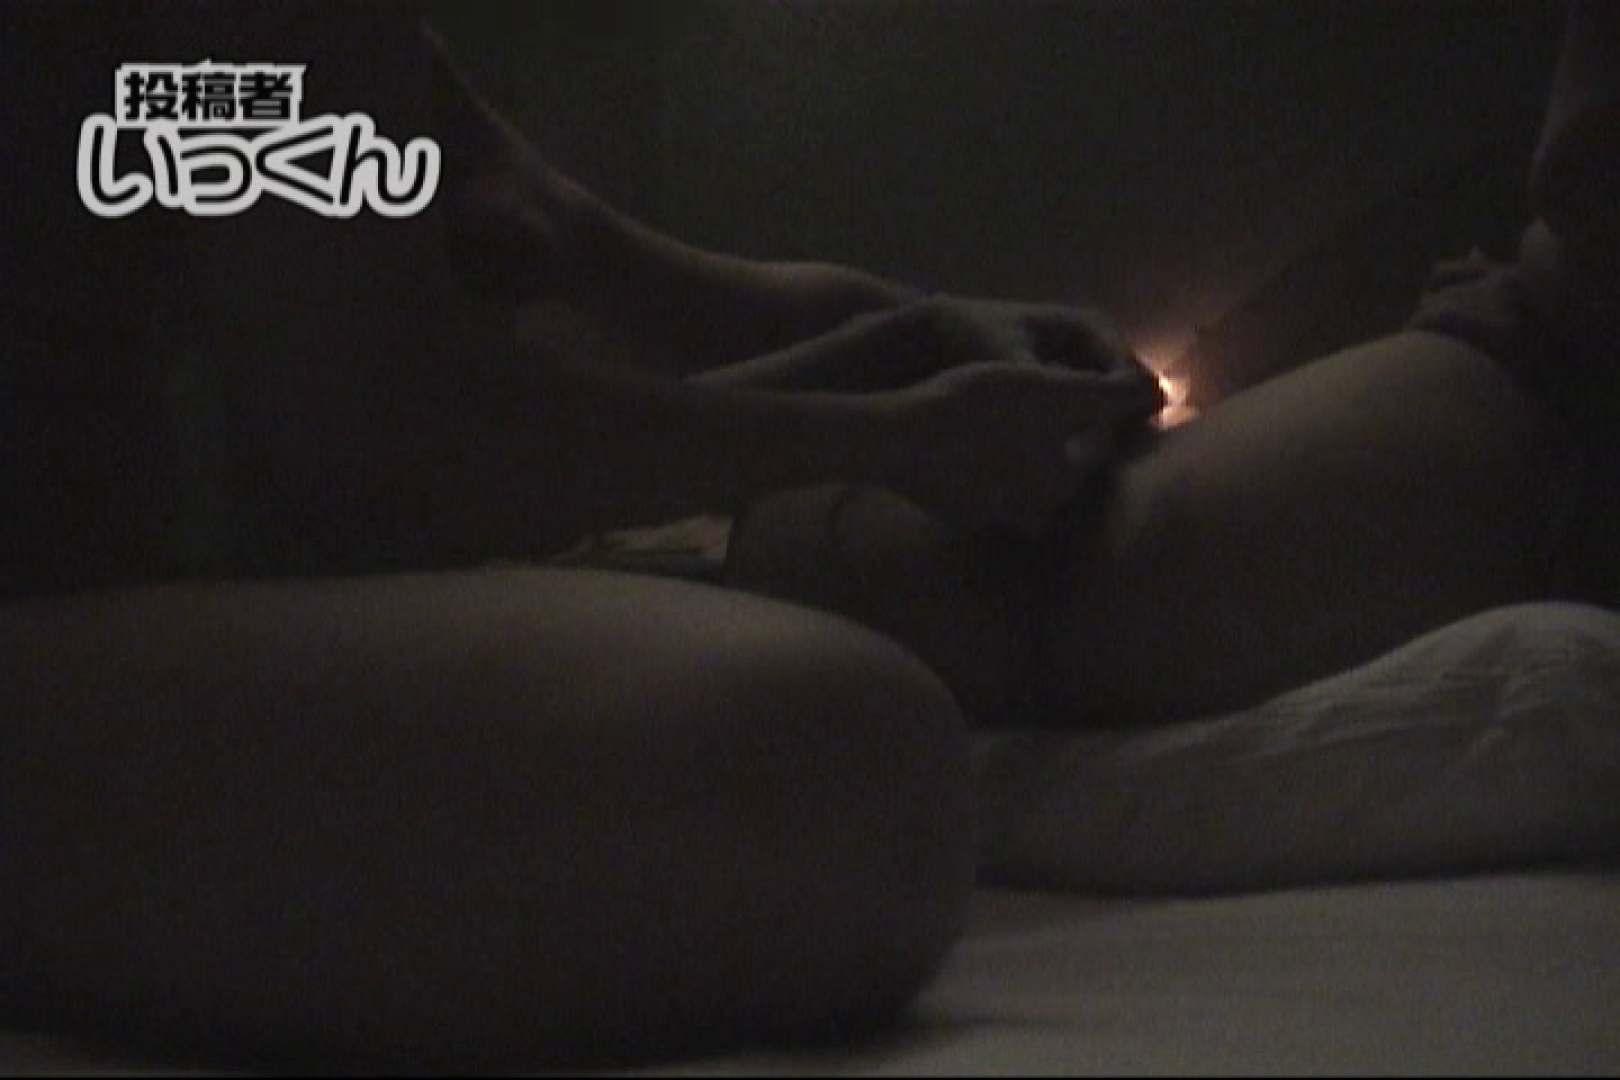 調教師いっくんの 北海道の自衛隊員の彼女24歳えみ 盗撮  67pic 8